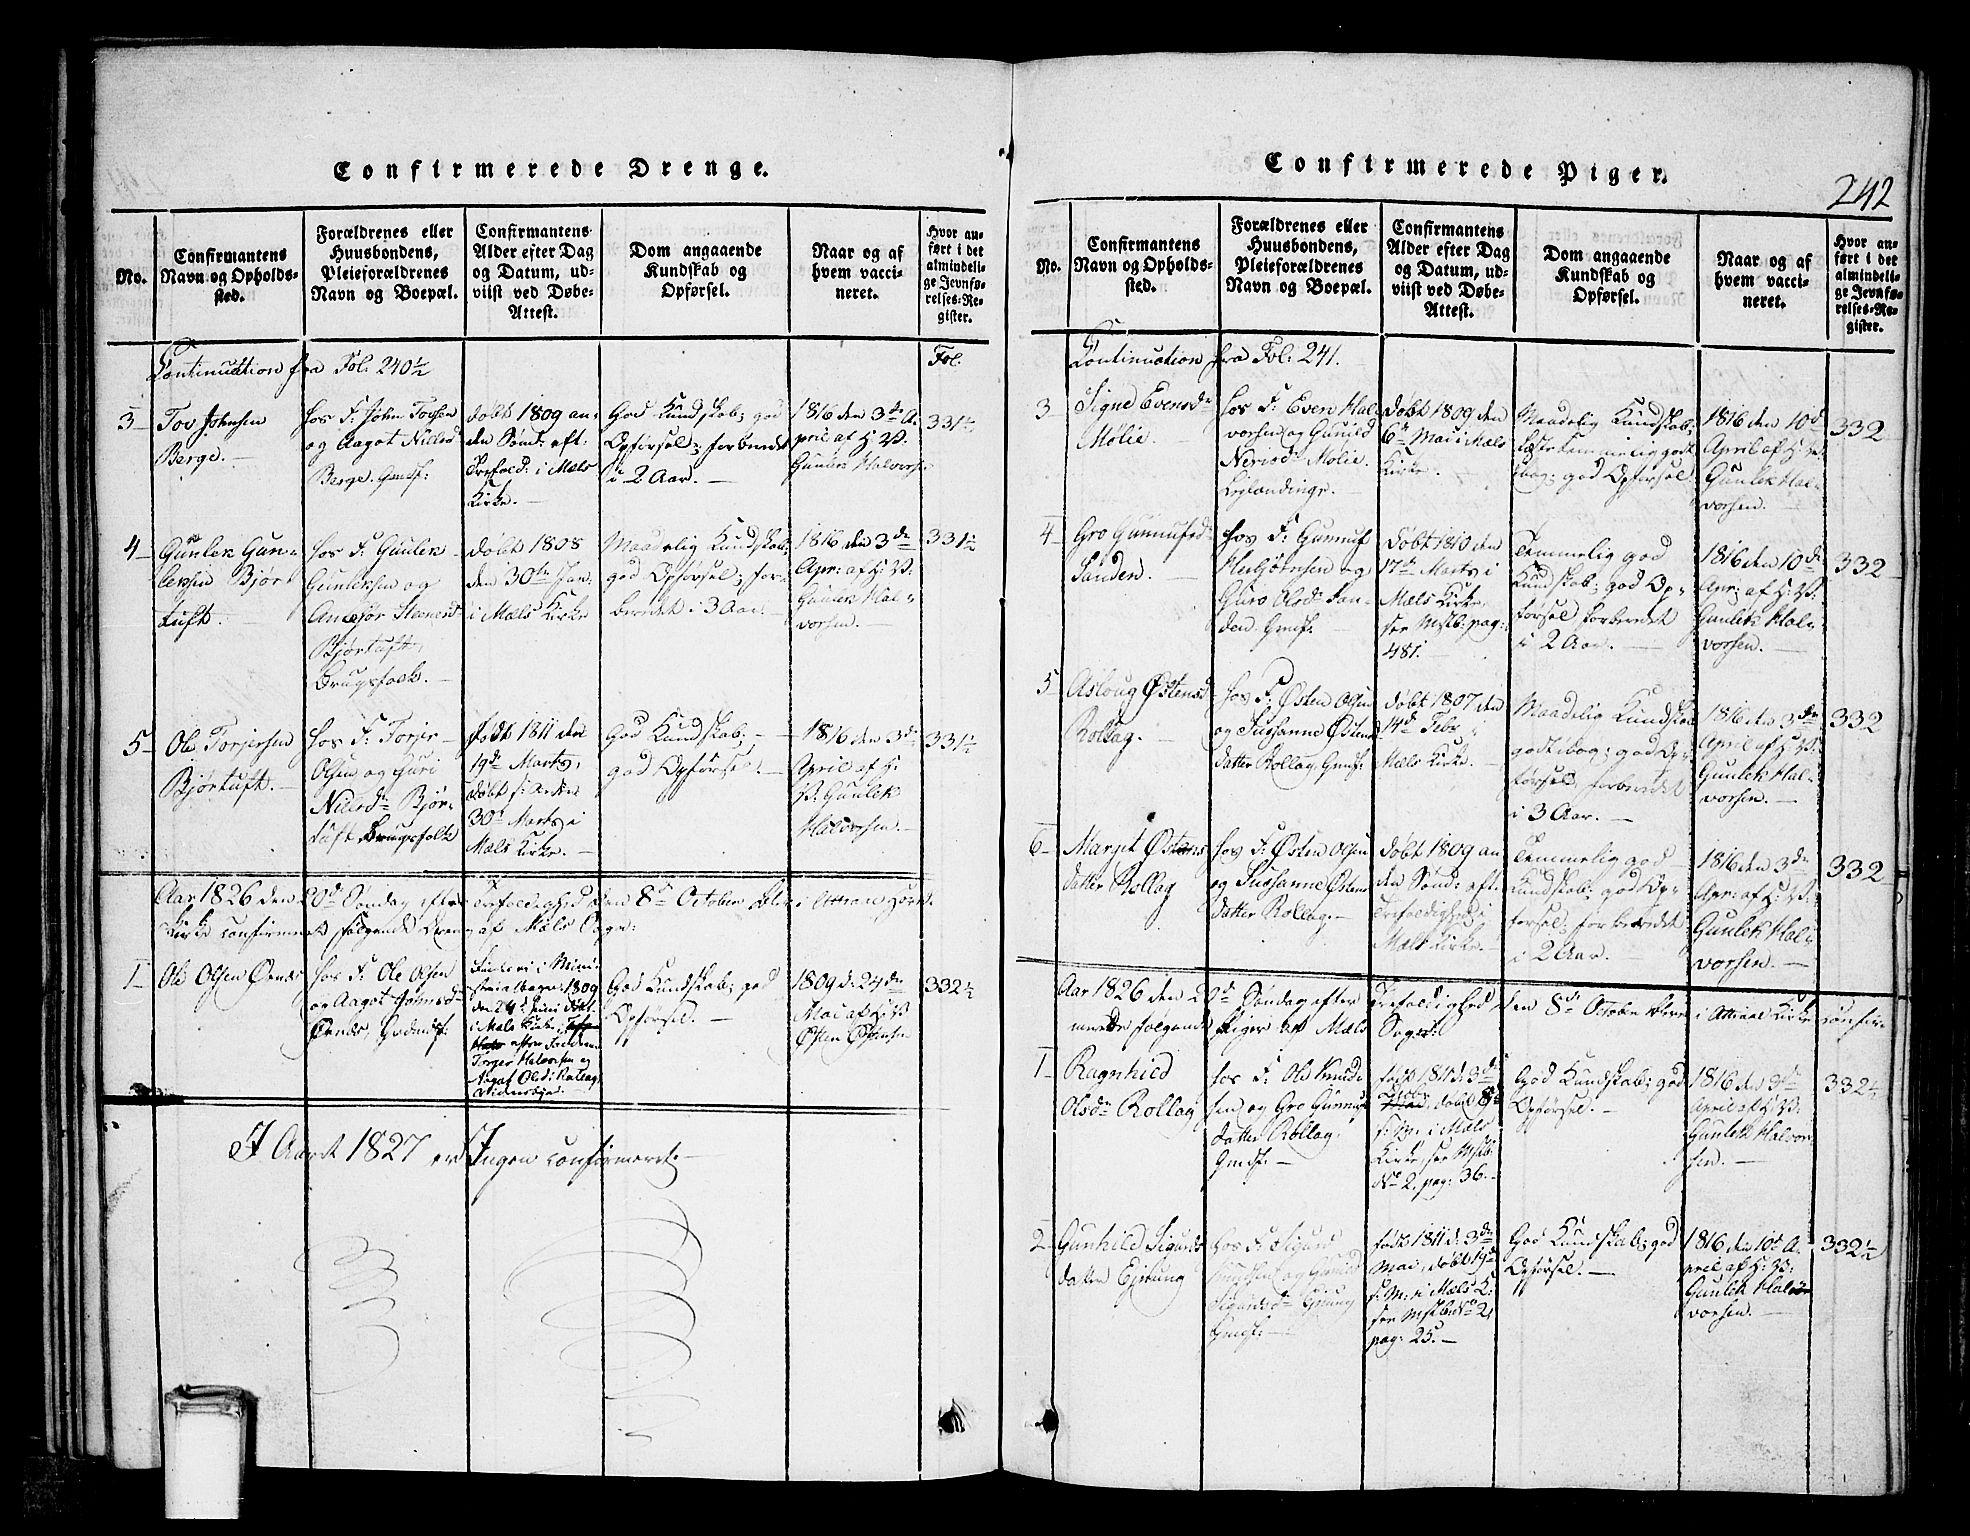 SAKO, Tinn kirkebøker, G/Gb/L0001: Klokkerbok nr. II 1 /1, 1815-1850, s. 242